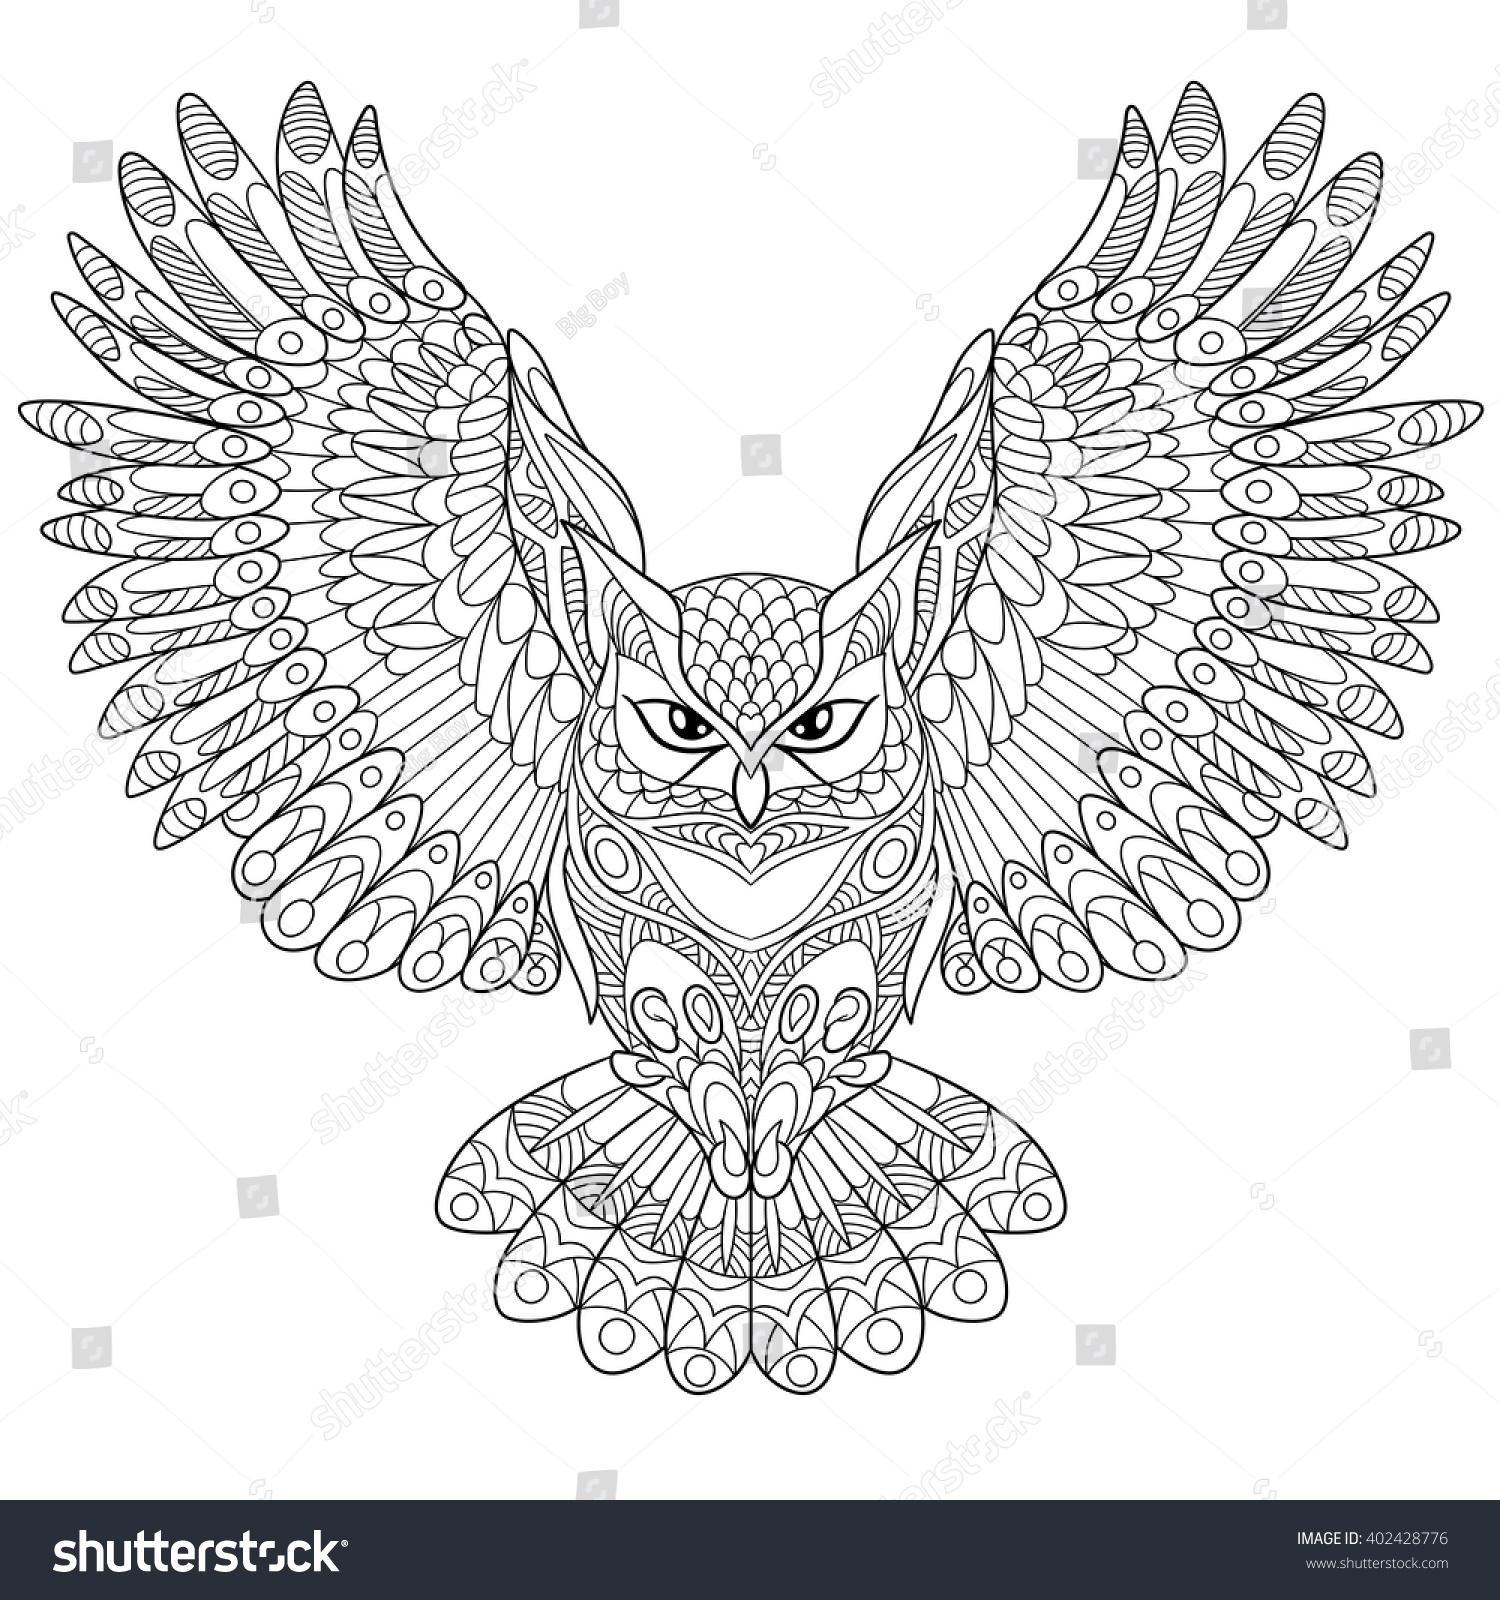 zentangle stylized cartoon eagle owl isolated stock vector